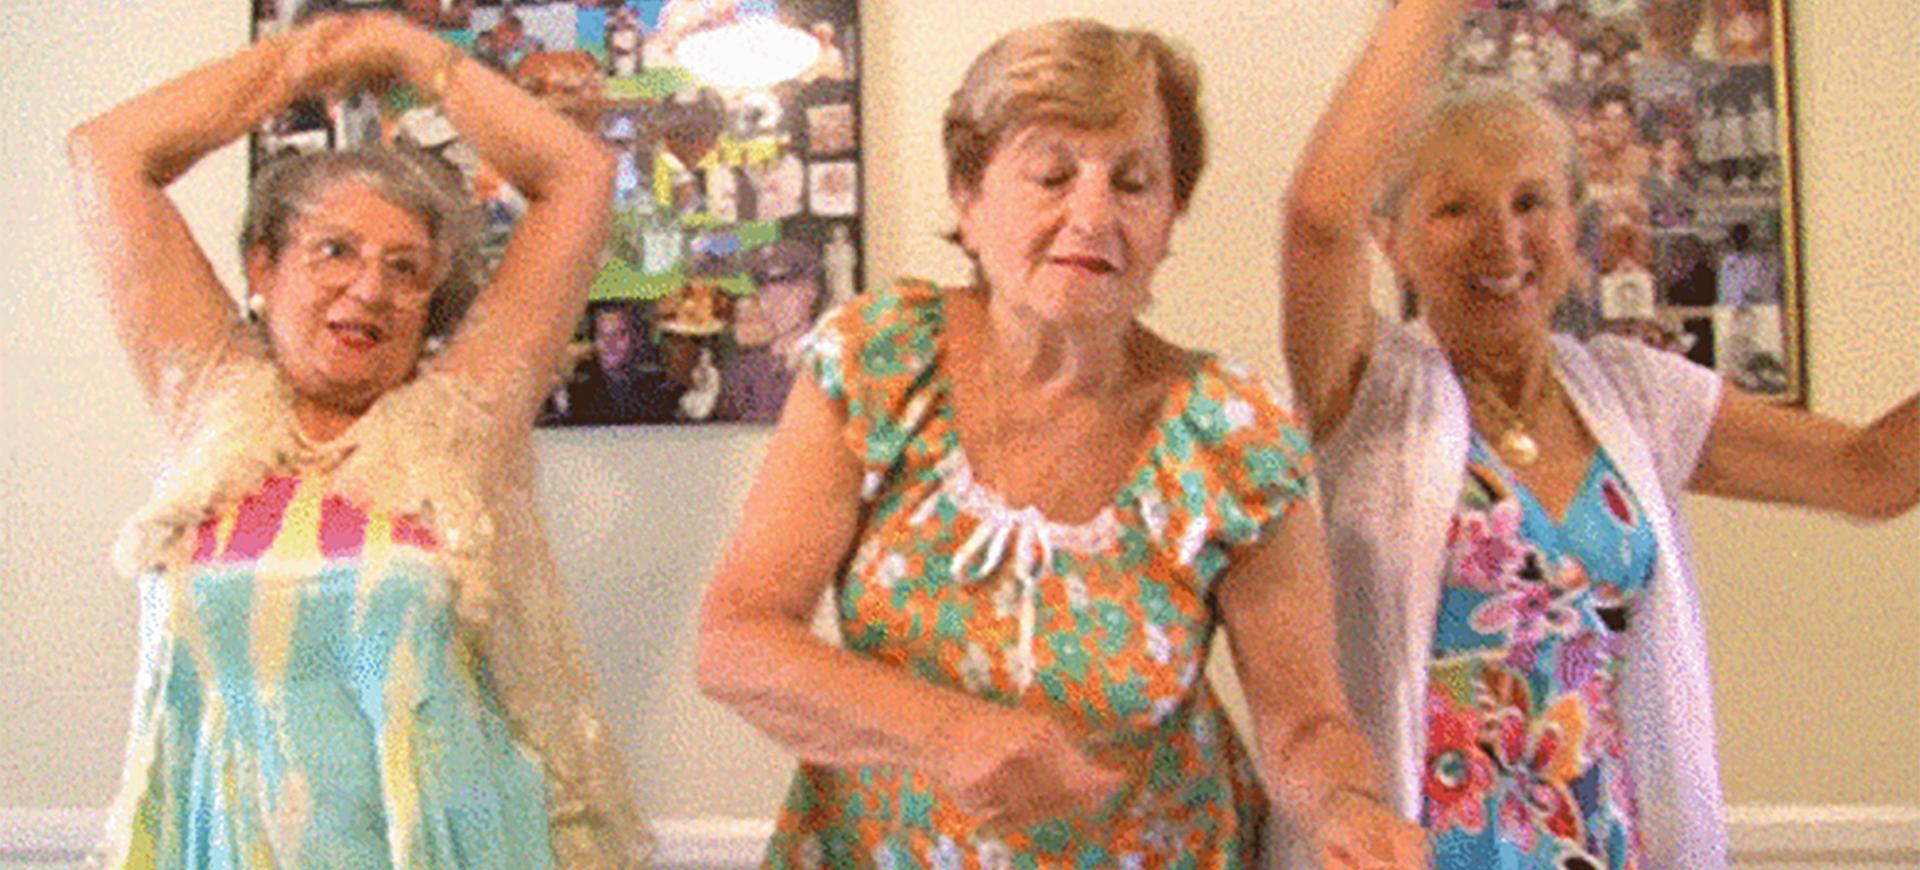 Du och din BFF när ni är 70 år